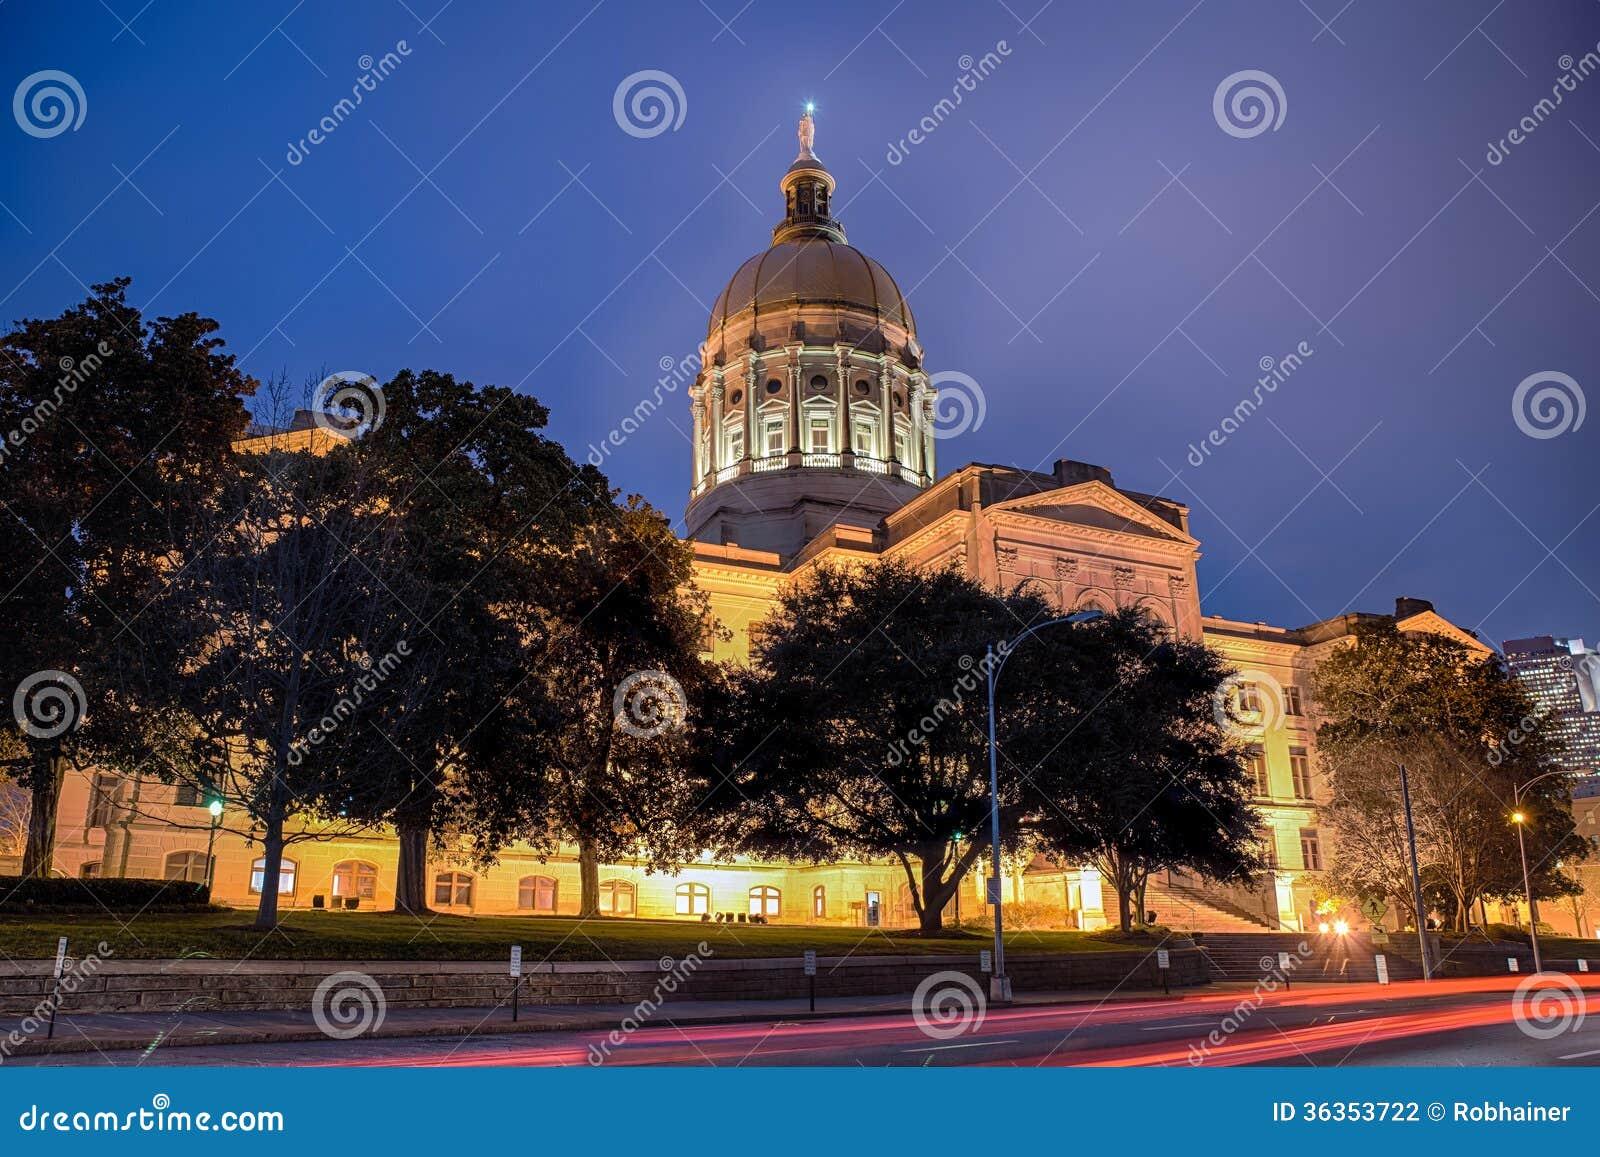 De capitolbouw van de staat van Georgië in Atlanta